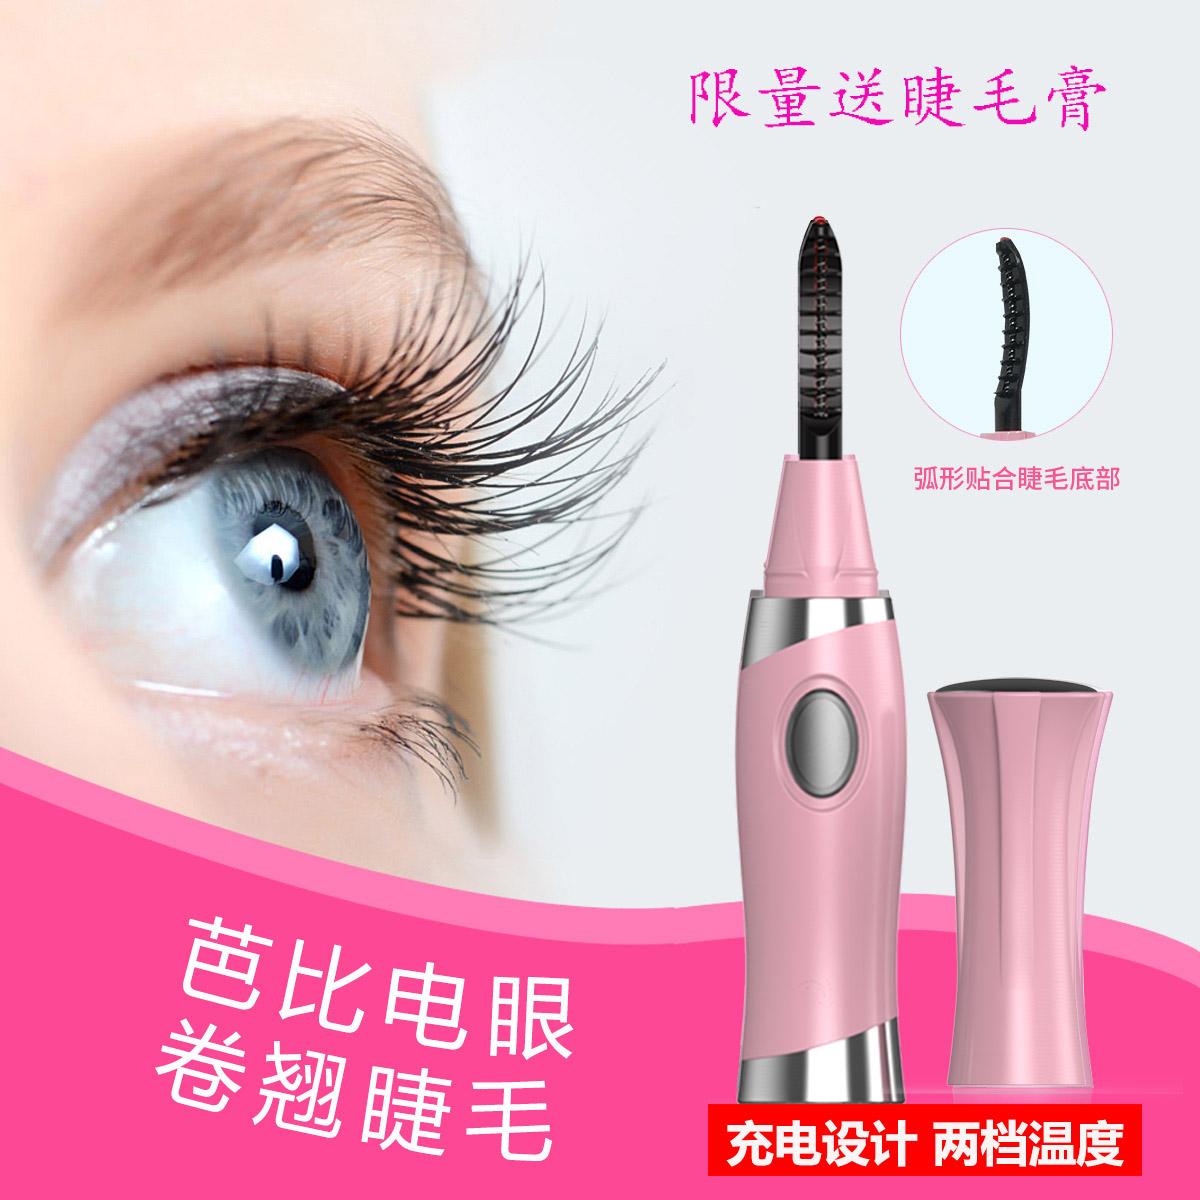 致美电动睫毛卷翘器烫睫毛器眼睫毛夹加热定型持久充电式电眼神器